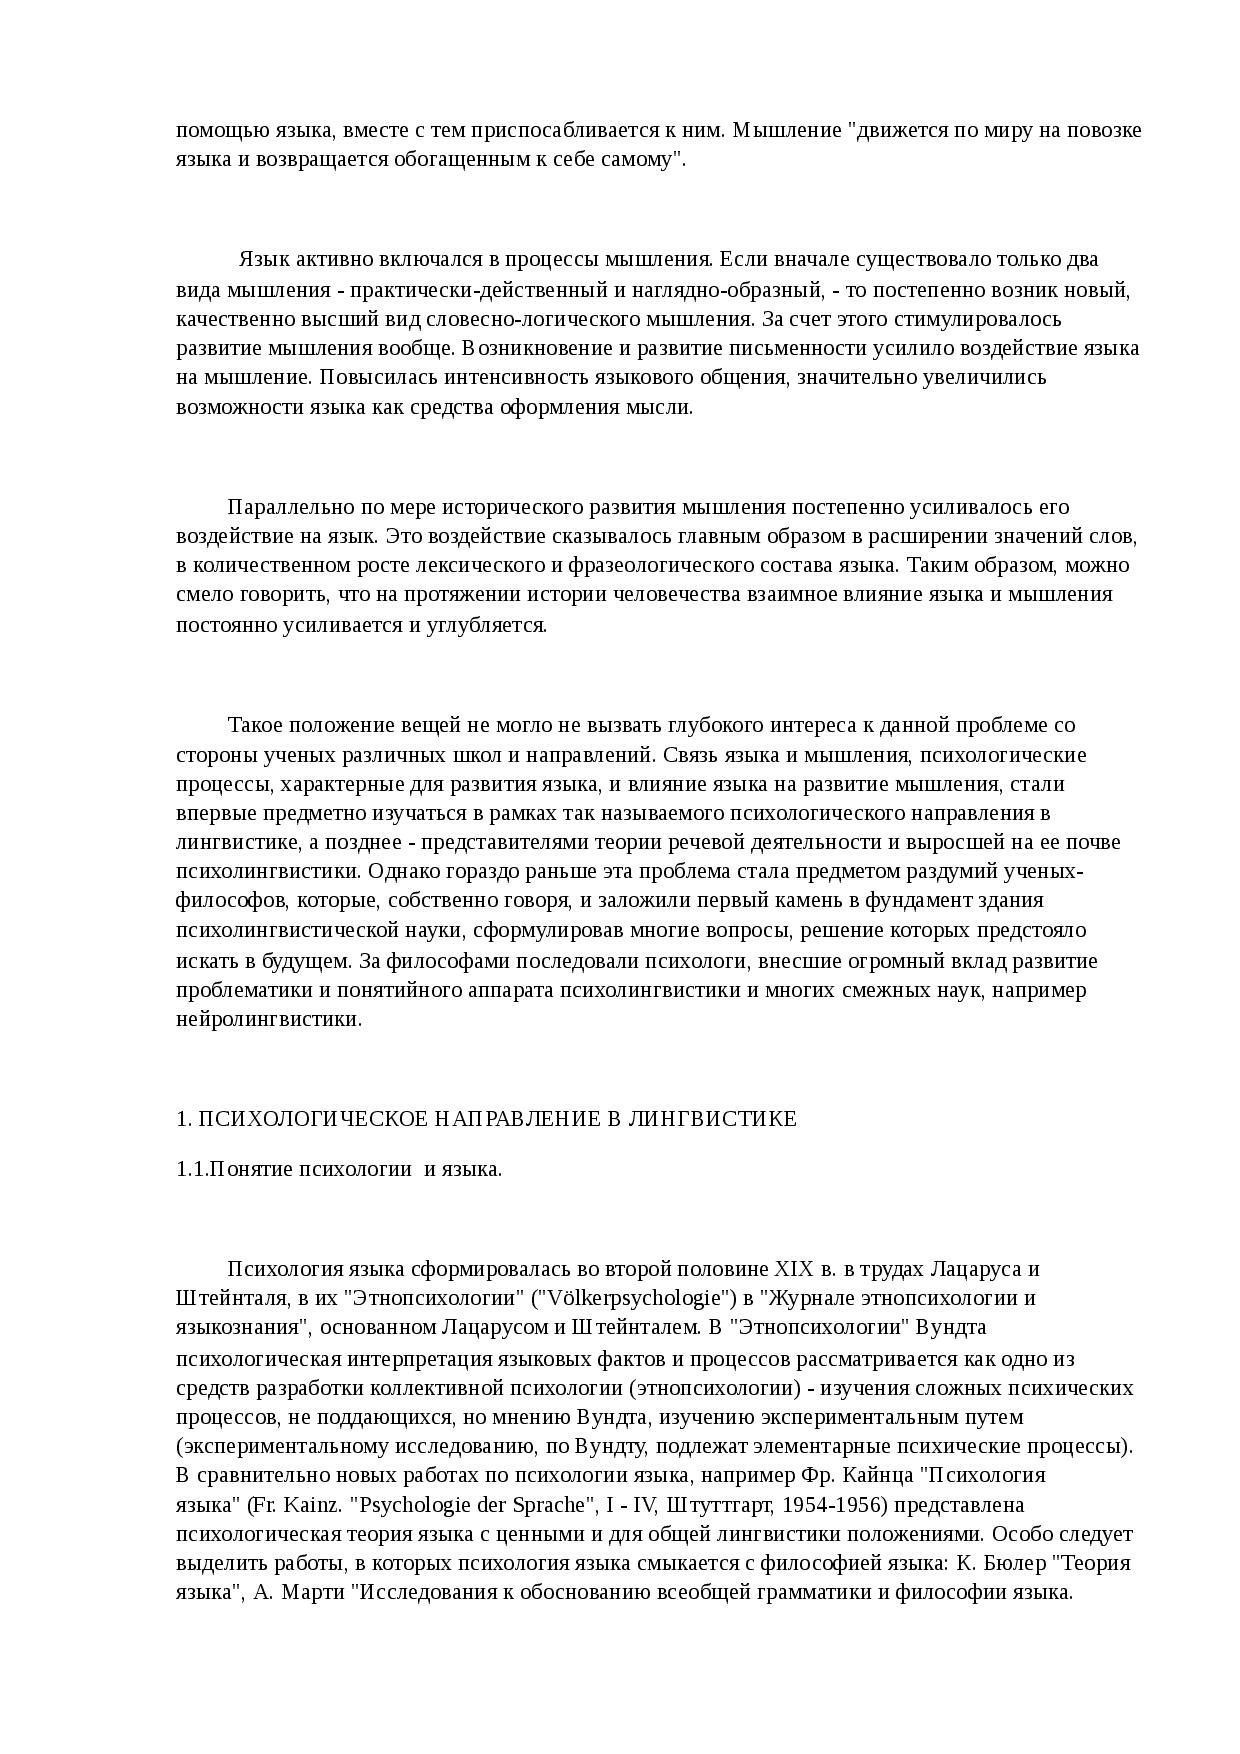 Идеи и представители бихевиоризма